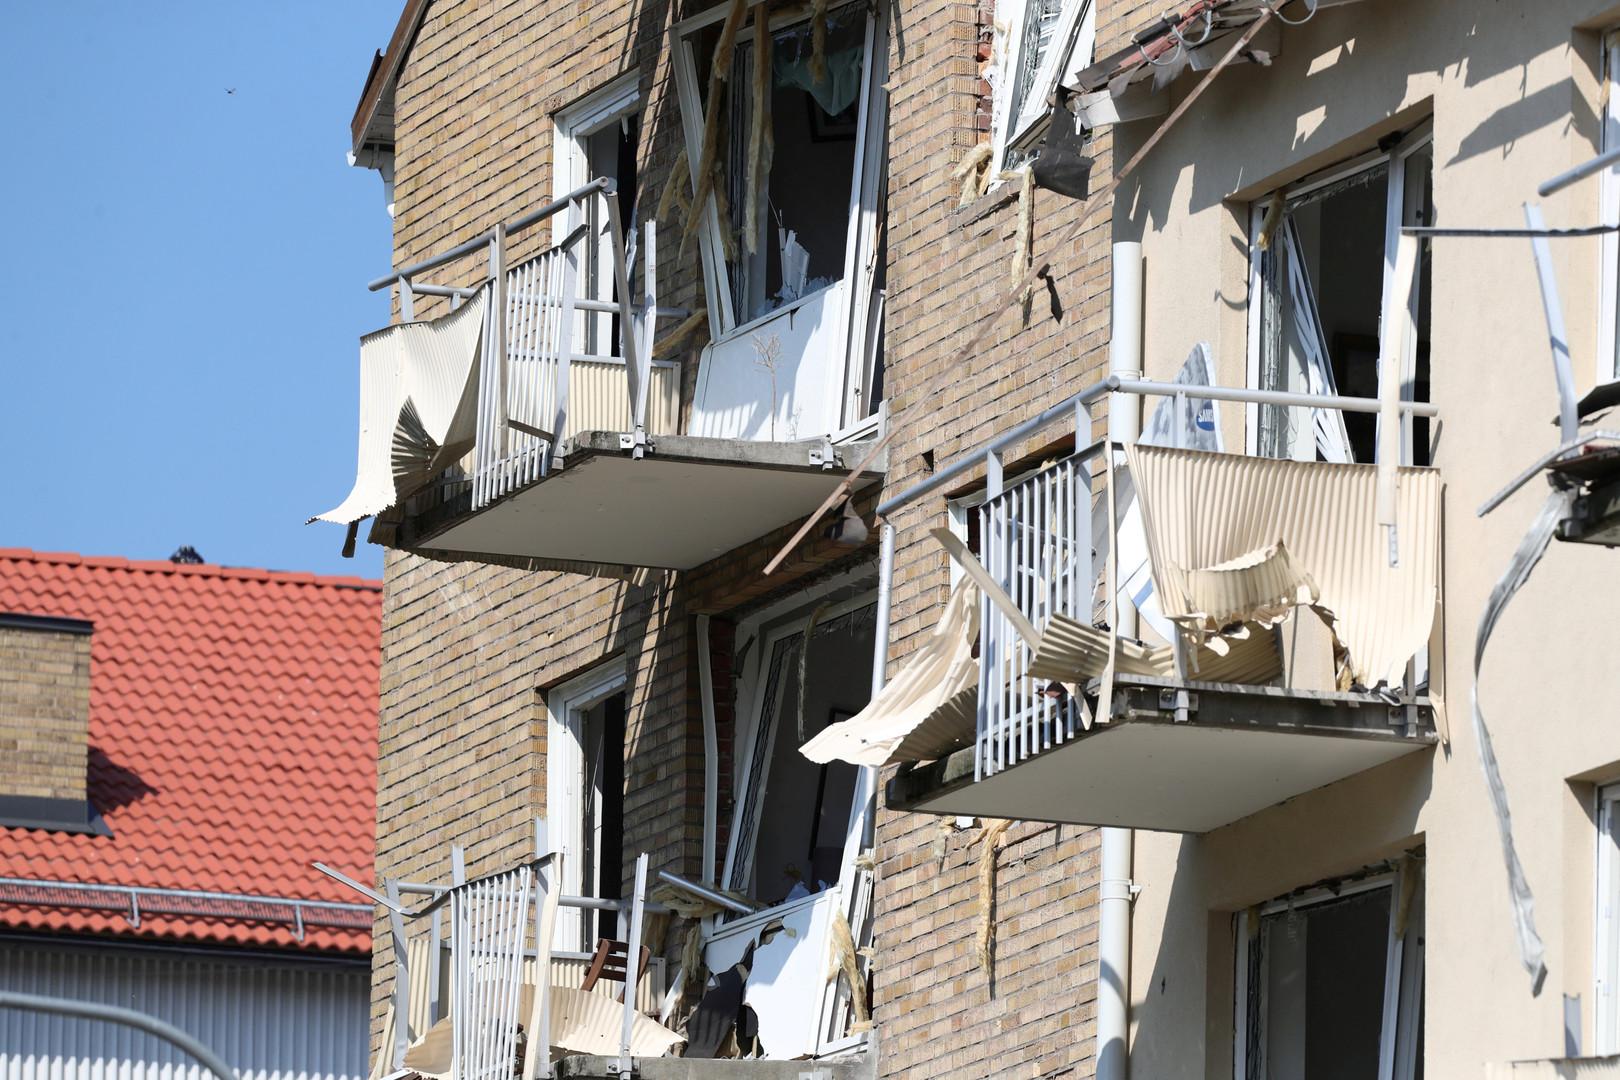 Schweden: Mindestens 25 Verletzte bei Explosion vor Mehrfamilienhaus